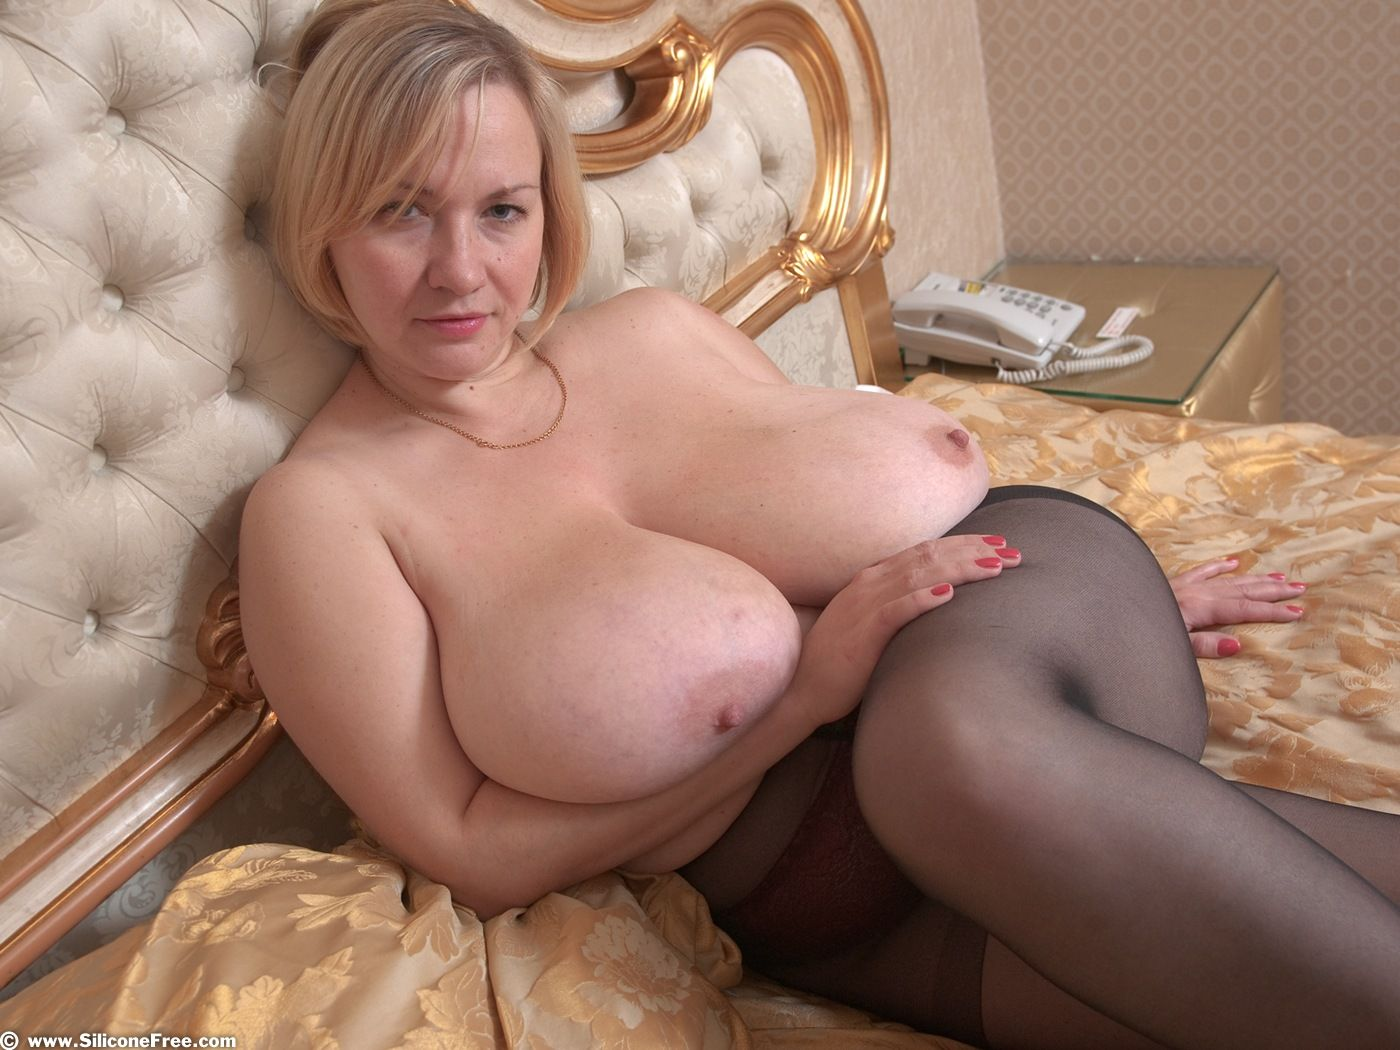 Фото больших зрелых, Порно фото зрелых женщин, Фотографии зрелых дам 12 фотография